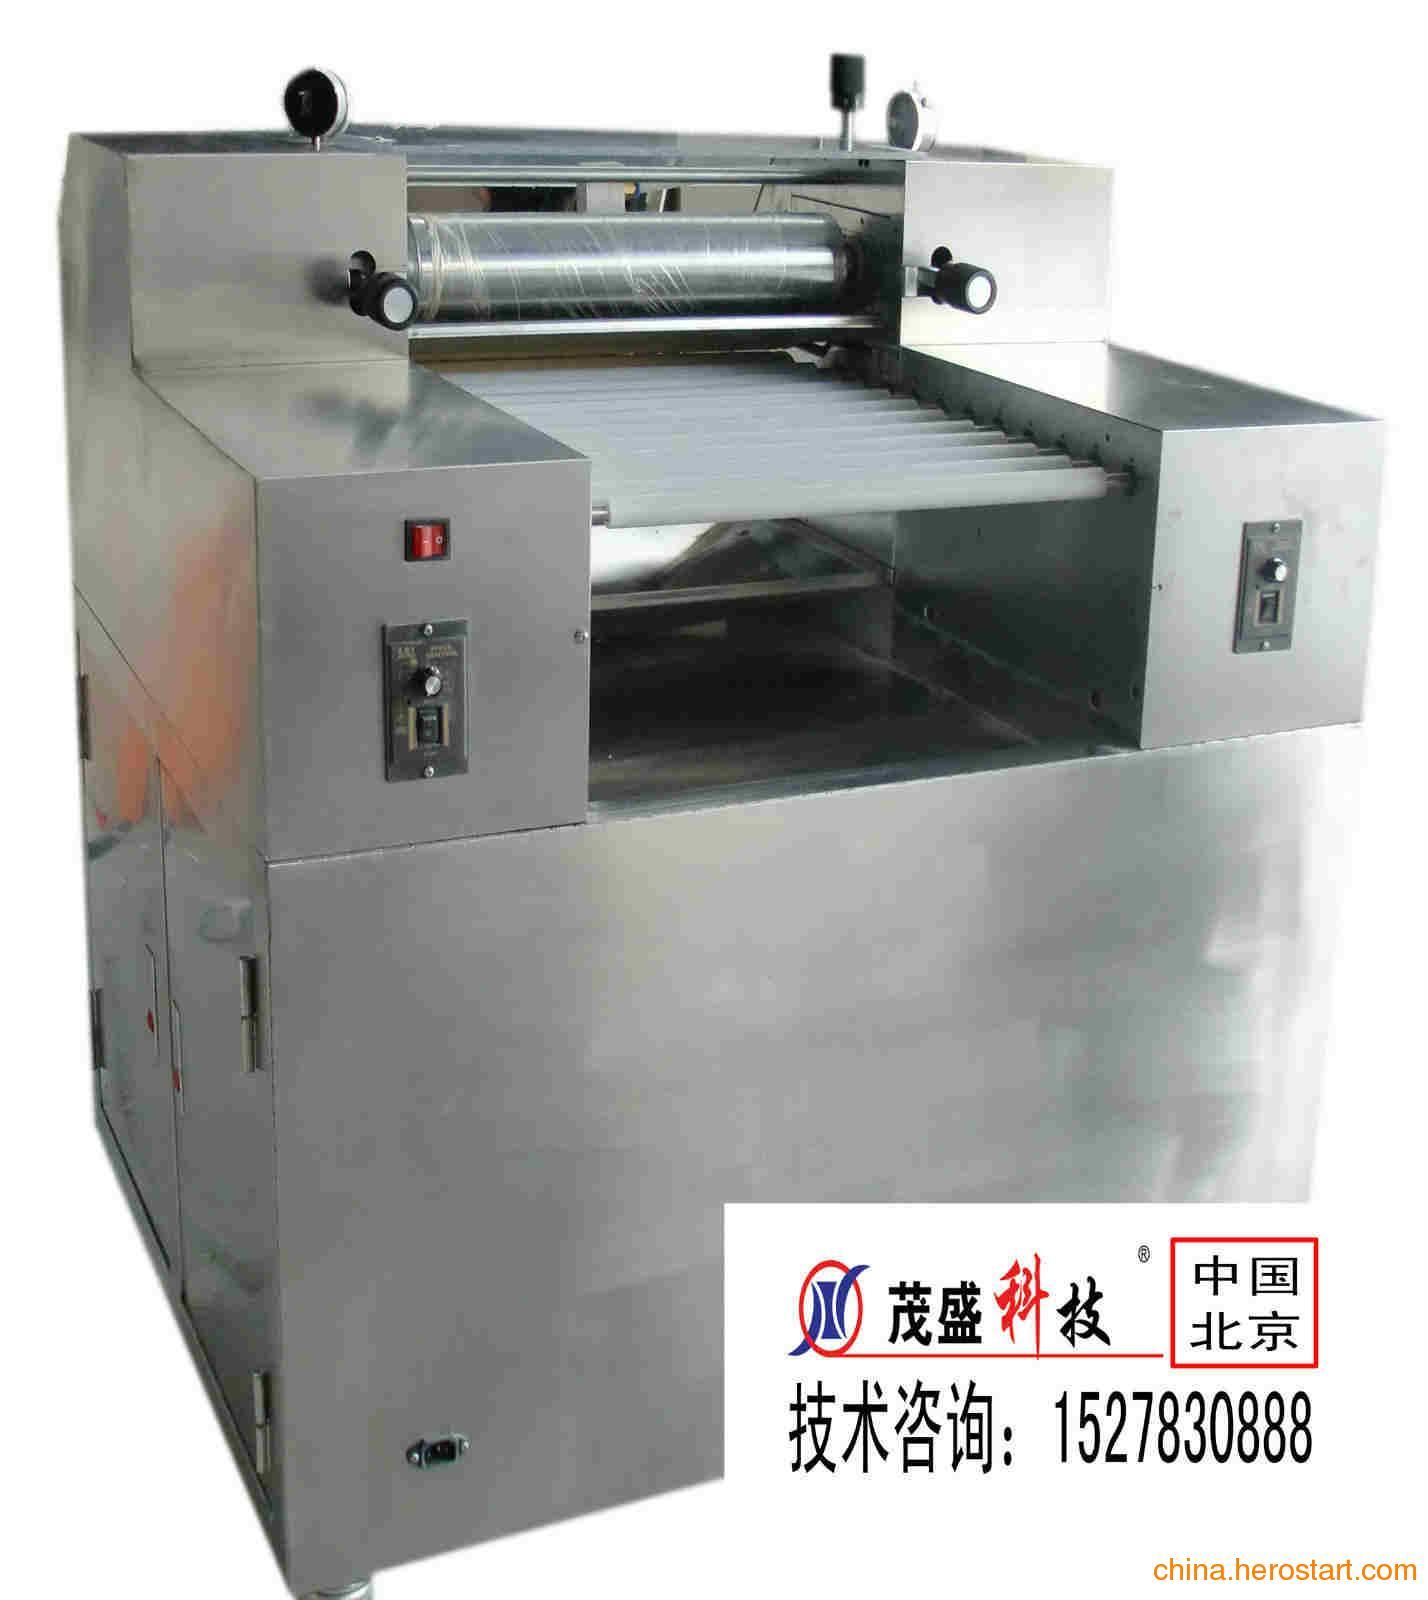 供应铜锌板蚀刻机、线路板蚀刻机、烫金板蚀刻机、五金涂布机